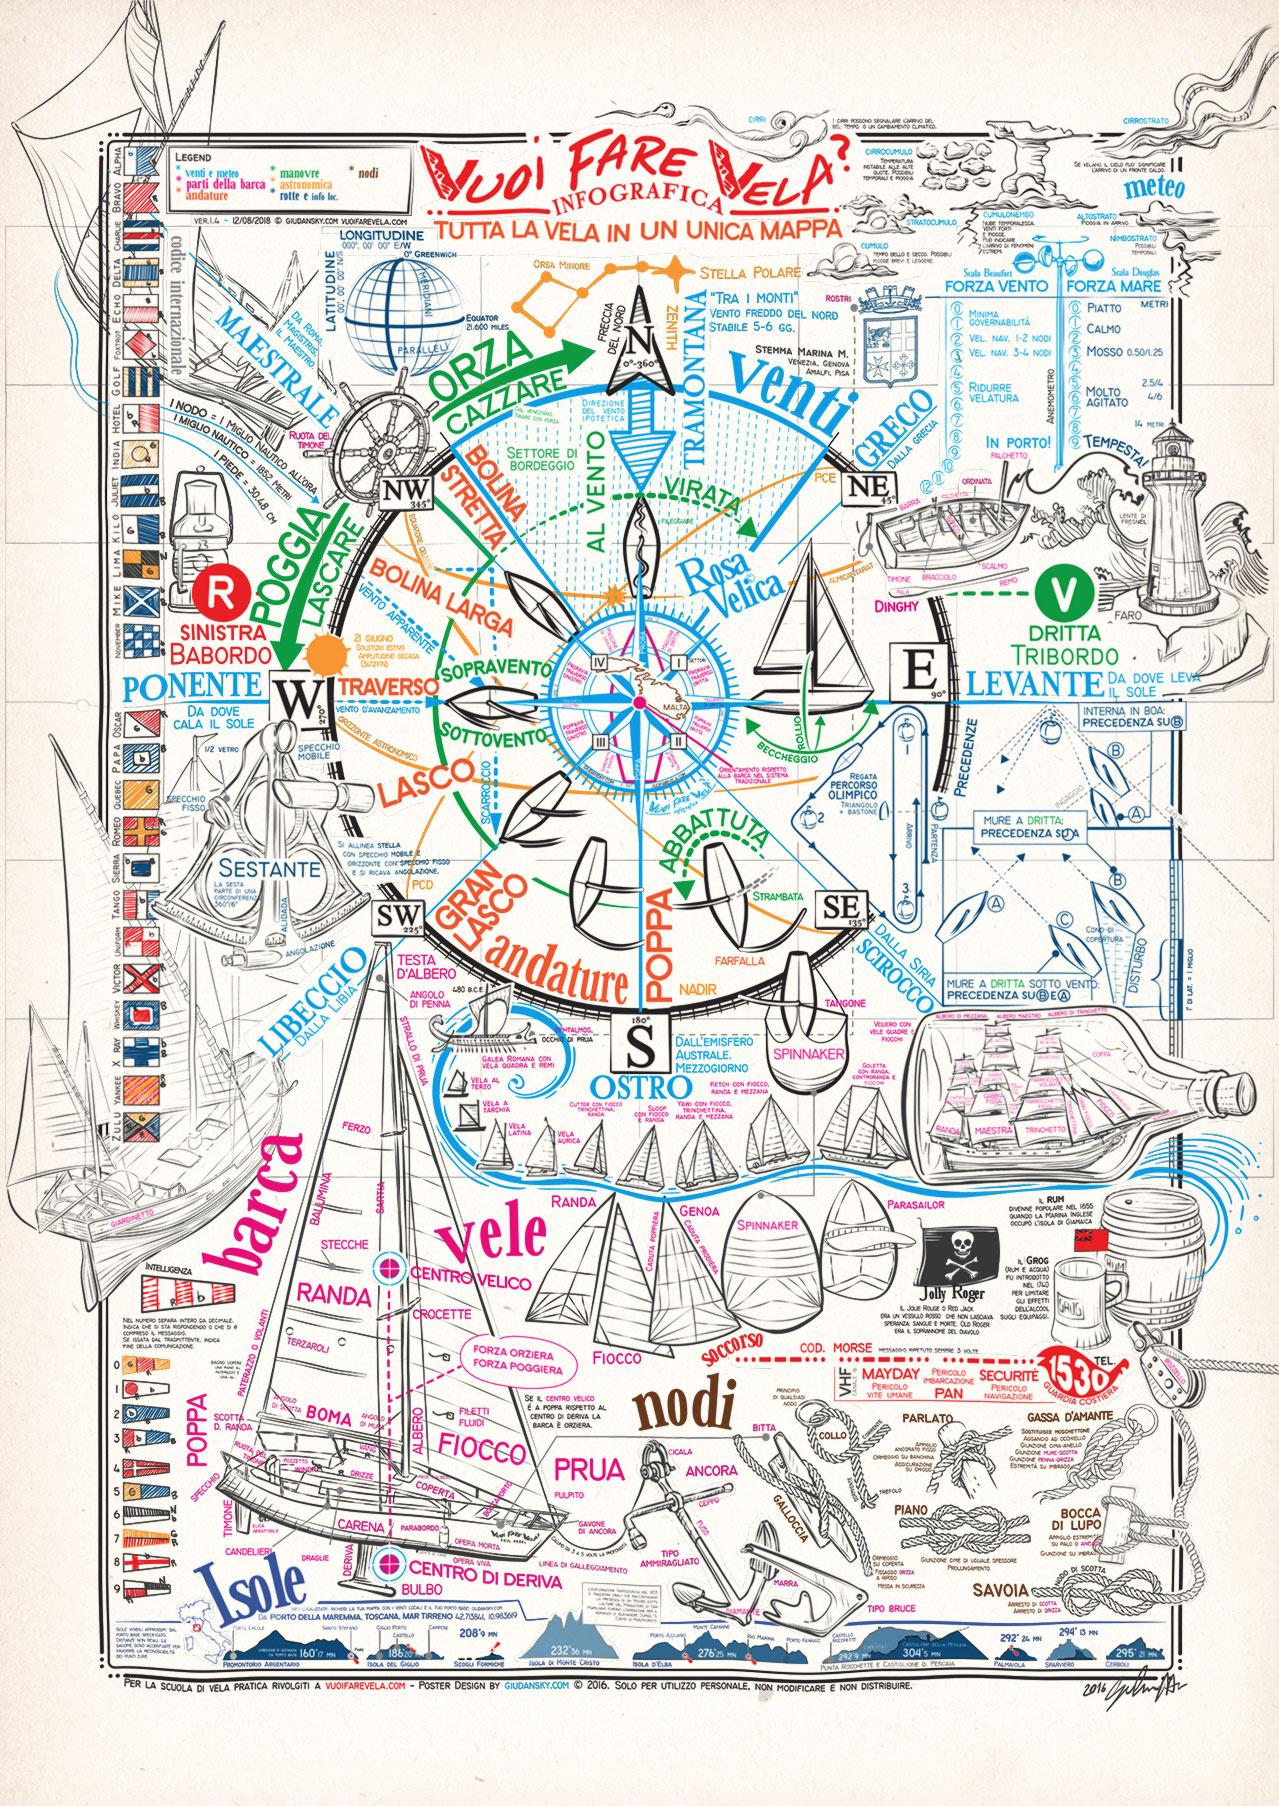 Parti Di Una Barca tutta la vela in un poster - vuoi fare vela?